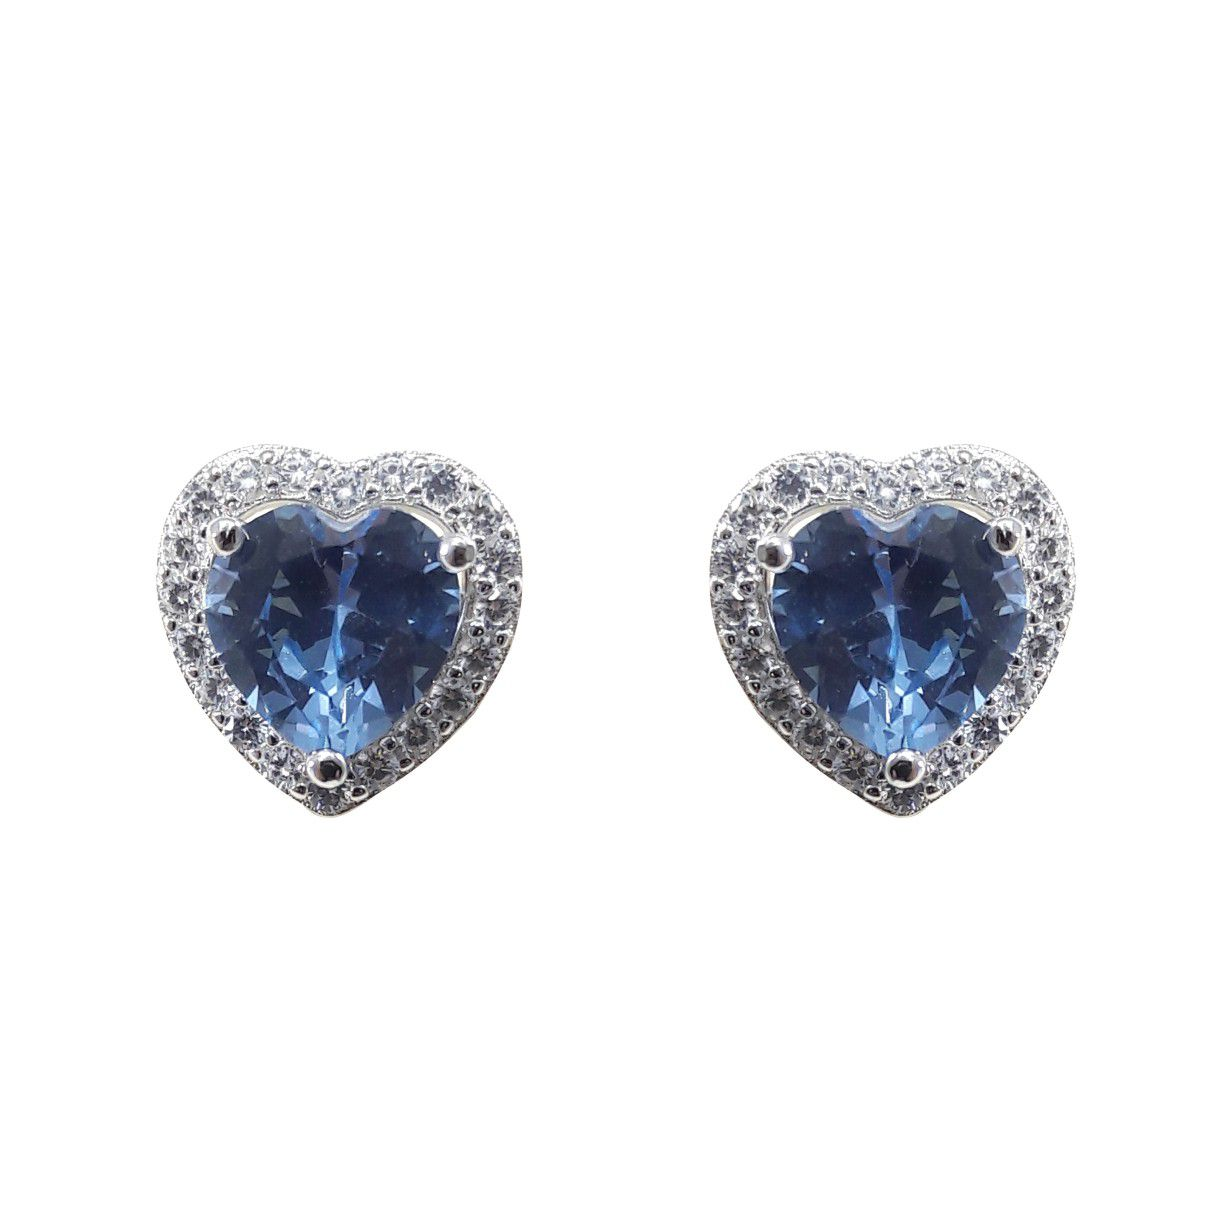 Brinco Coração Zircônia Azul em Prata 925 Com Borda Cravejada com Zircônias Brancas